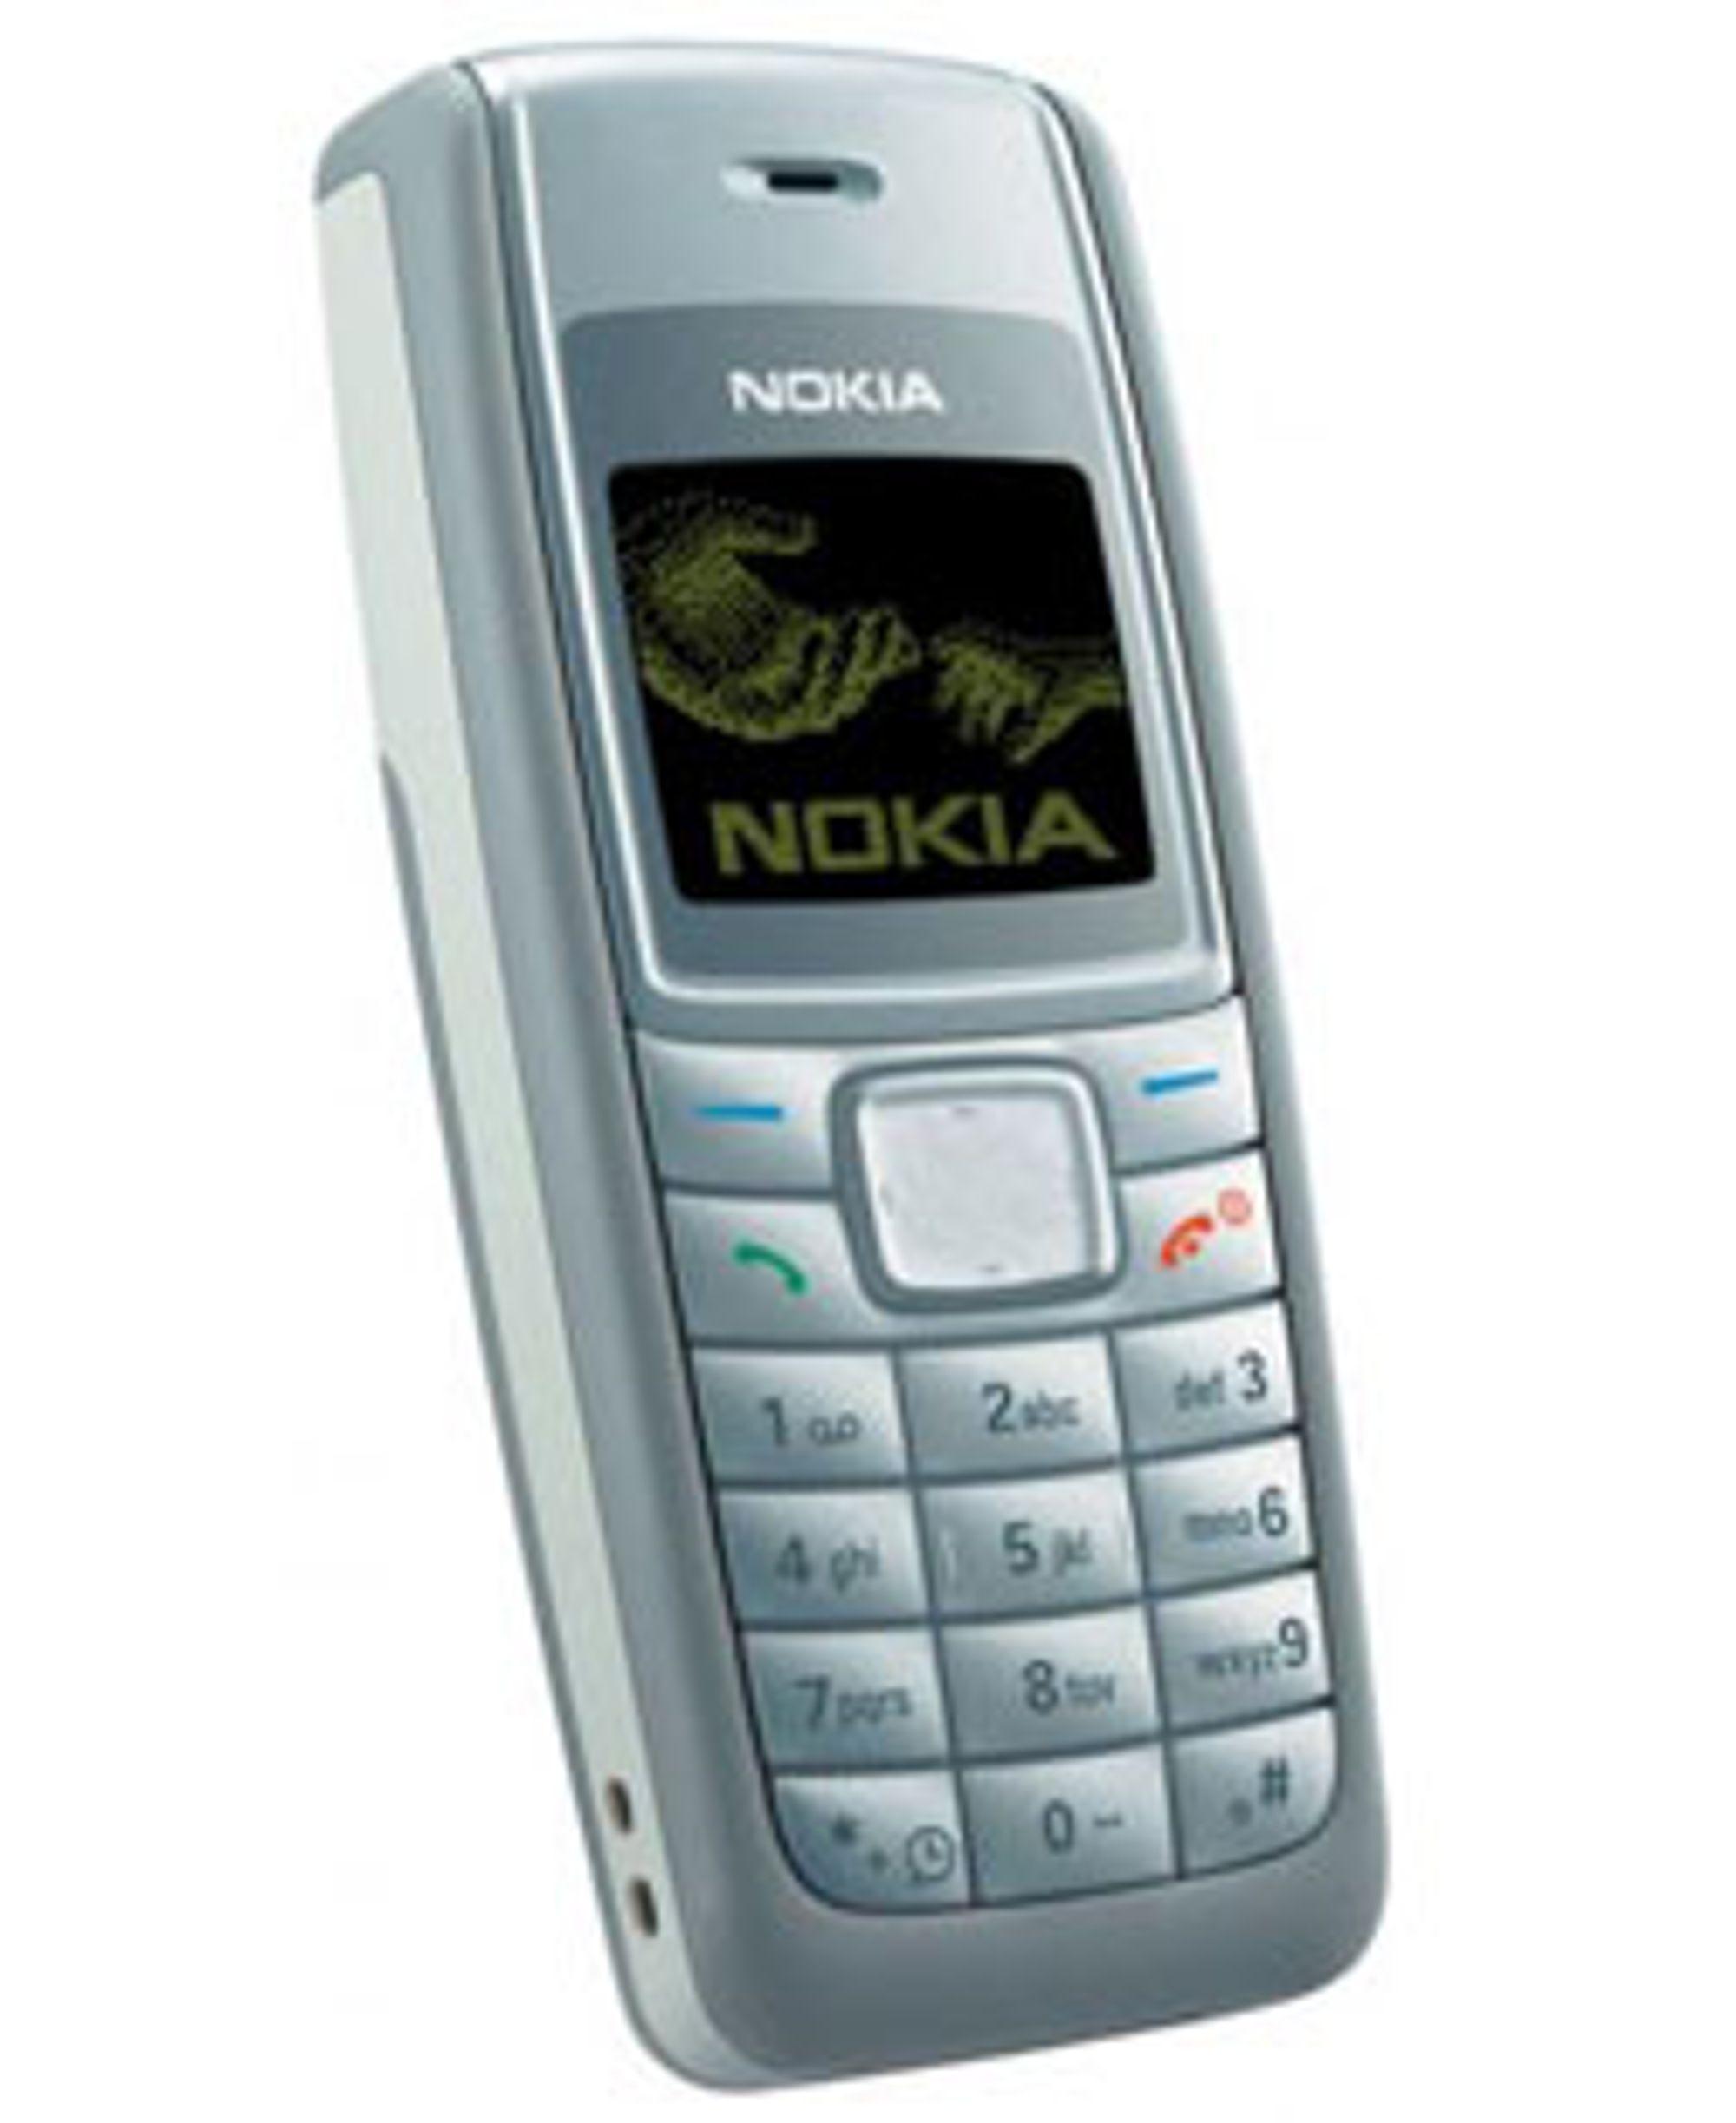 Sony Ericsson vil ta opp kampen med 1110i, som er den billigste på markedet.